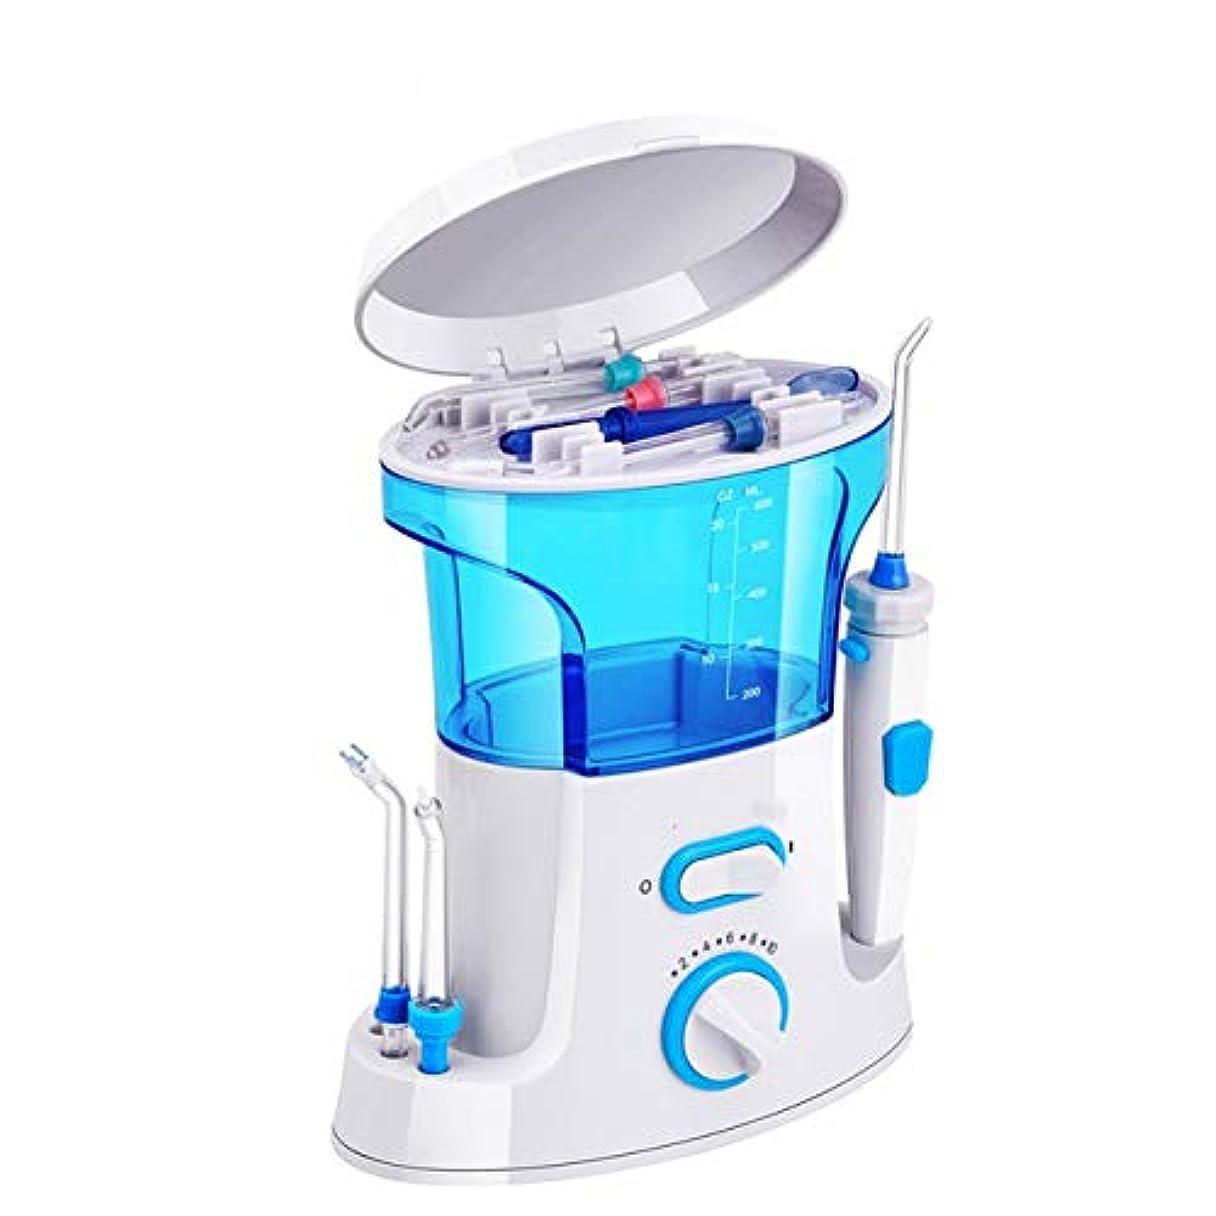 餌せっかち含意口頭洗浄器、電気コードレス口頭洗浄器ポータブル8ノズル10調節可能な圧力歯科歯のクリーニングケア